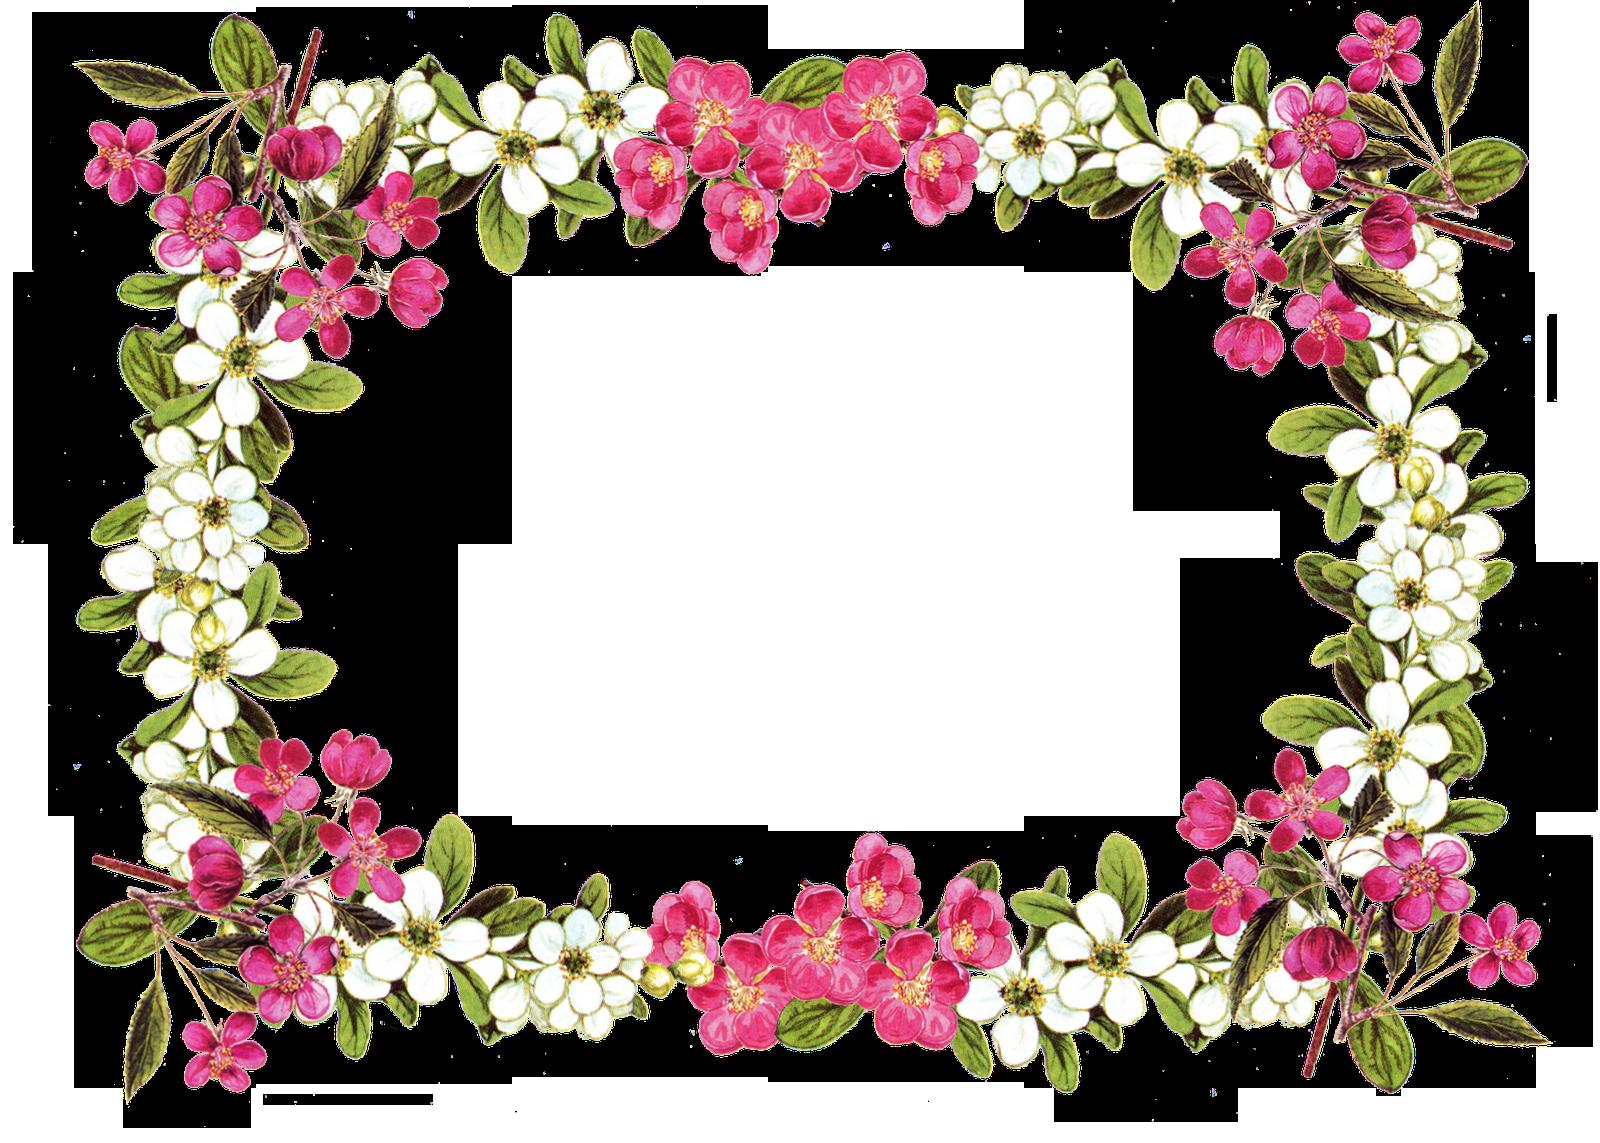 Download Floral Frame Image HQ PNG Image | FreePNGImg